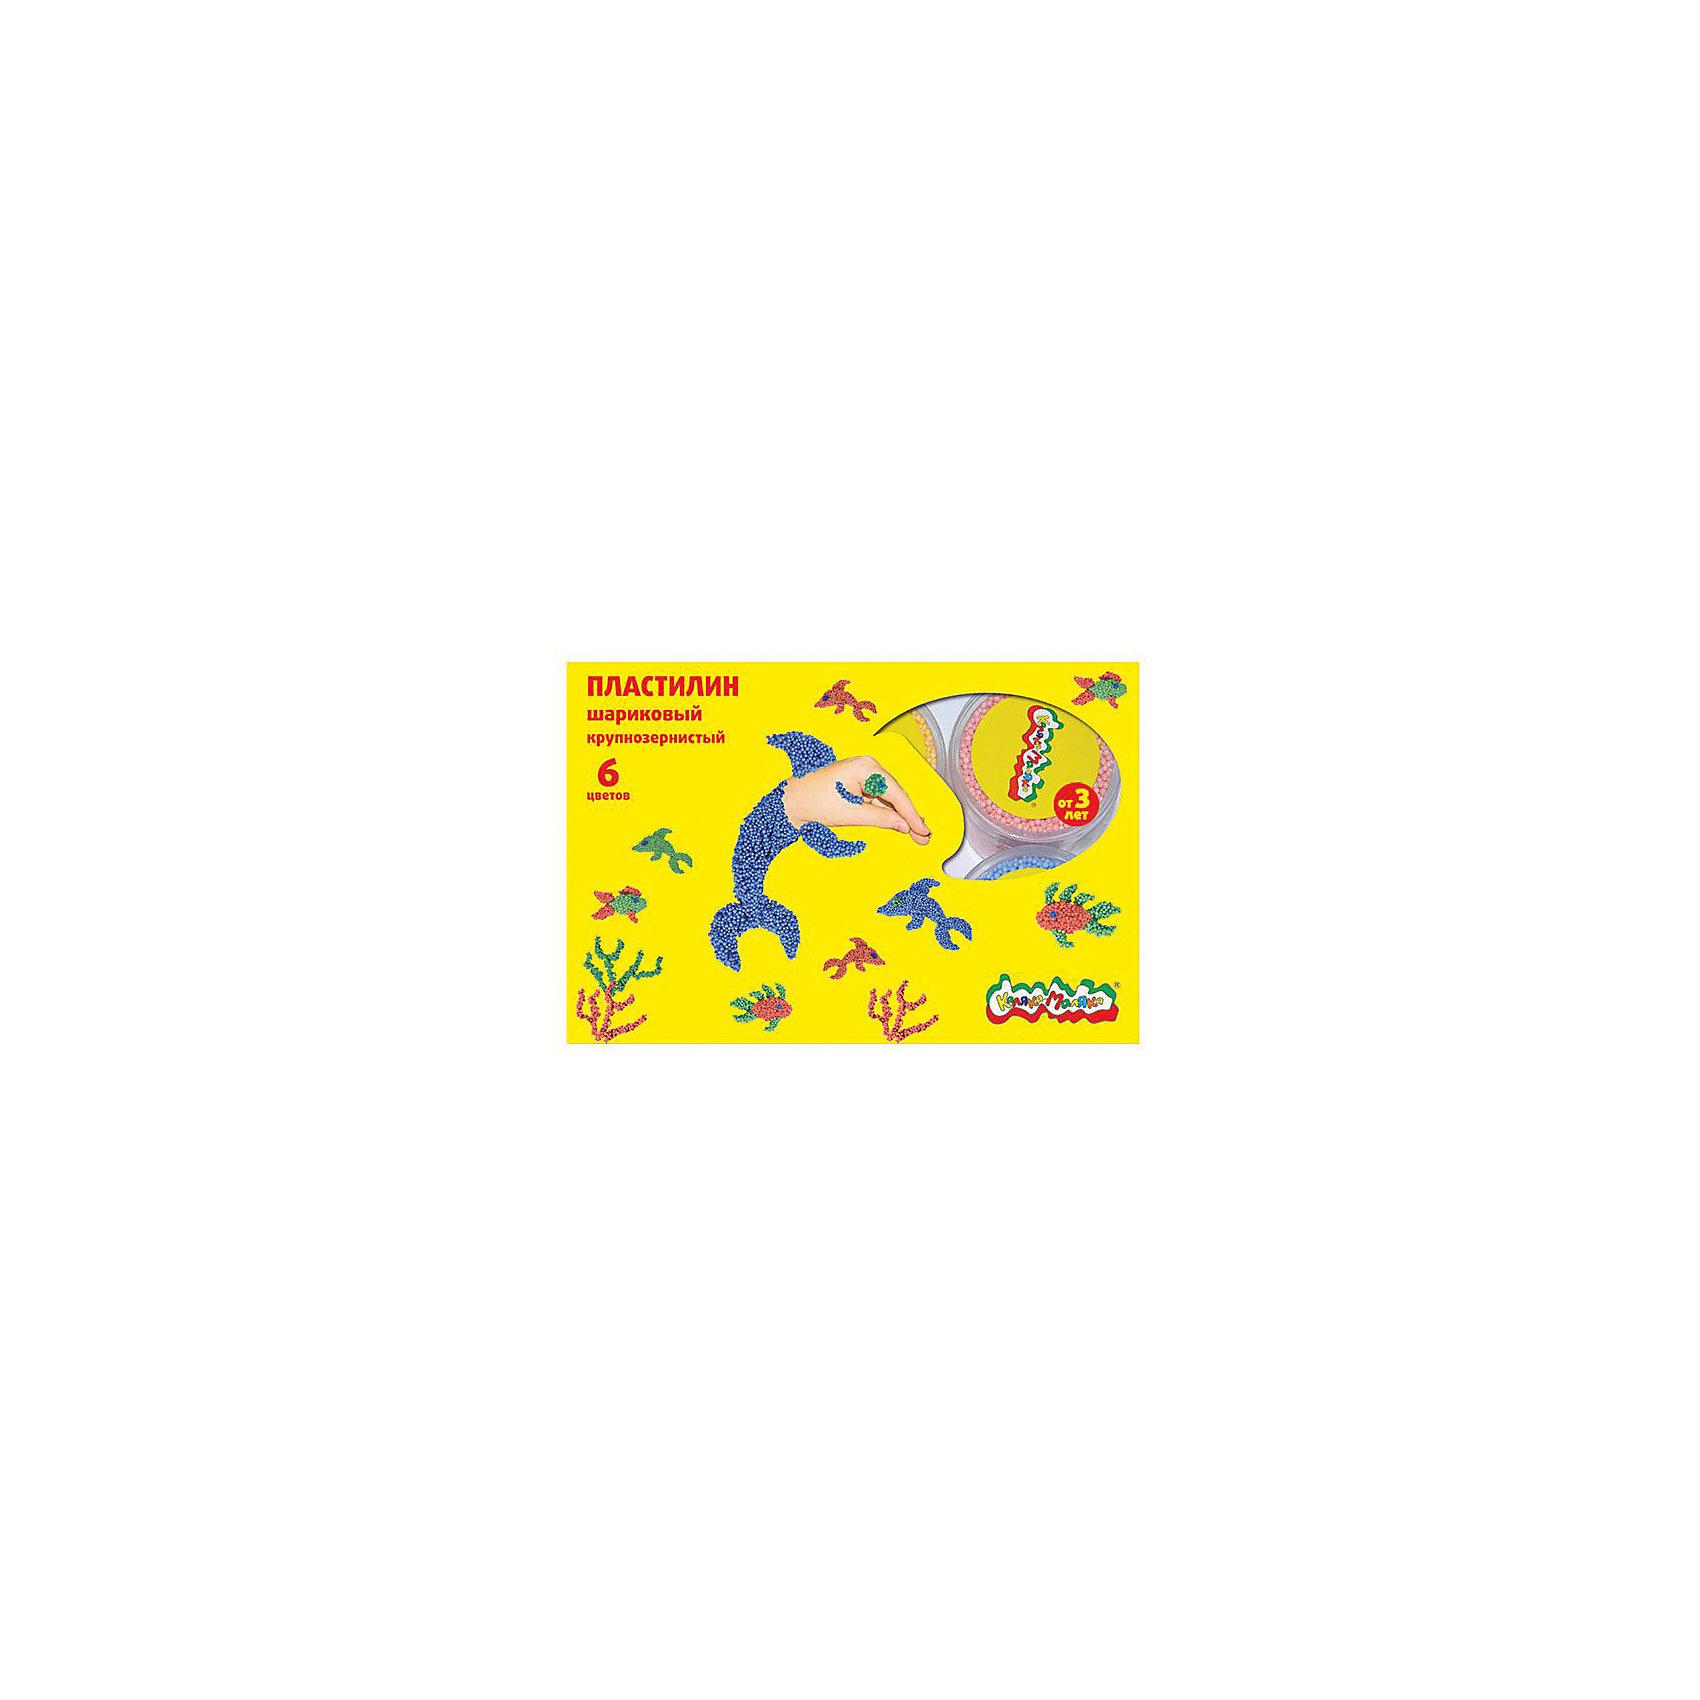 Шариковый пластилин 6 цветовЛепка<br>Пластилин не застывает на воздухе, что позволяет использовать его снова и снова. Легкие шарики, из которых он состоит, соединены клеевым раствором. Он не прилипает к рукам, но позволяет прочно скреплять между собой элементы лепки. Шариковый крупнозернистый пластилин Каляка-Маляка® идеально подходит для самых маленьких деток: он легко делится на части и позволяет создавать простые и понятные ребенку фигурки. В ассортименте имеются наборы из 4 цветов - (желтый, синий, розовый, салатовый) и 6 цветов - (желтый, синий, розовый, салатовый, персиковый, сиреневый) Вес одной баночки в наборе 12 г.<br><br>Ширина мм: 235<br>Глубина мм: 195<br>Высота мм: 50<br>Вес г: 115<br>Возраст от месяцев: 36<br>Возраст до месяцев: 108<br>Пол: Унисекс<br>Возраст: Детский<br>SKU: 5188789